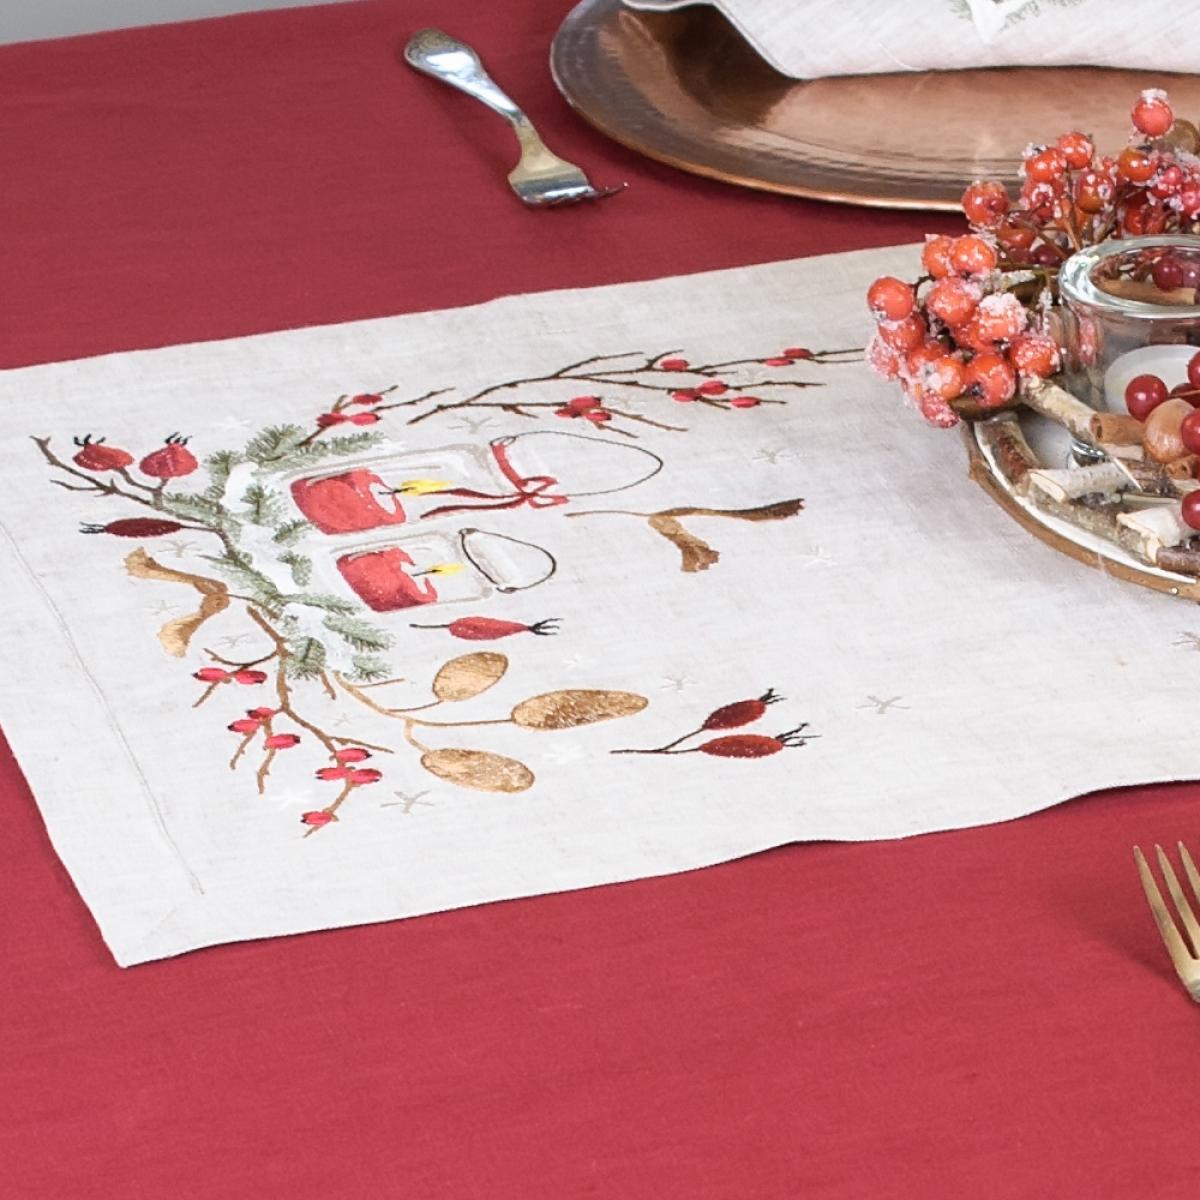 Linen runner on the table